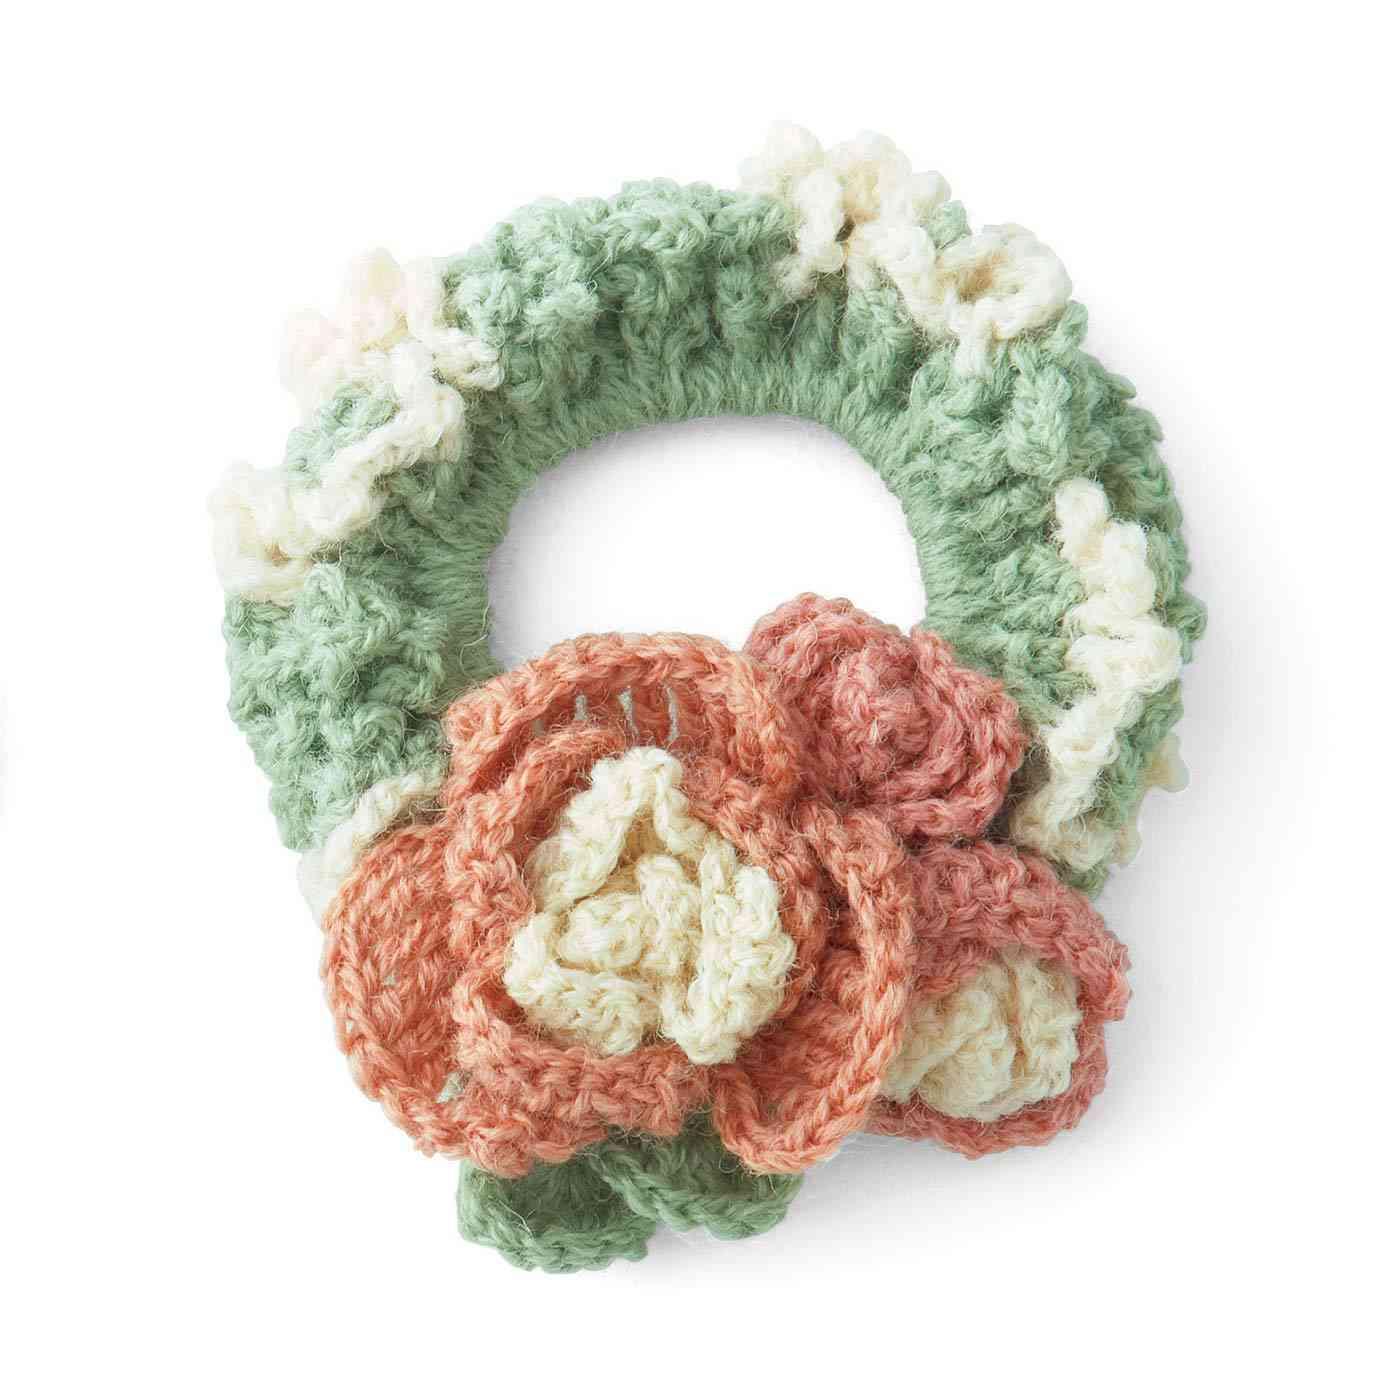 四季を感じる  かぎ針お花シュシュの会 フェリシモ